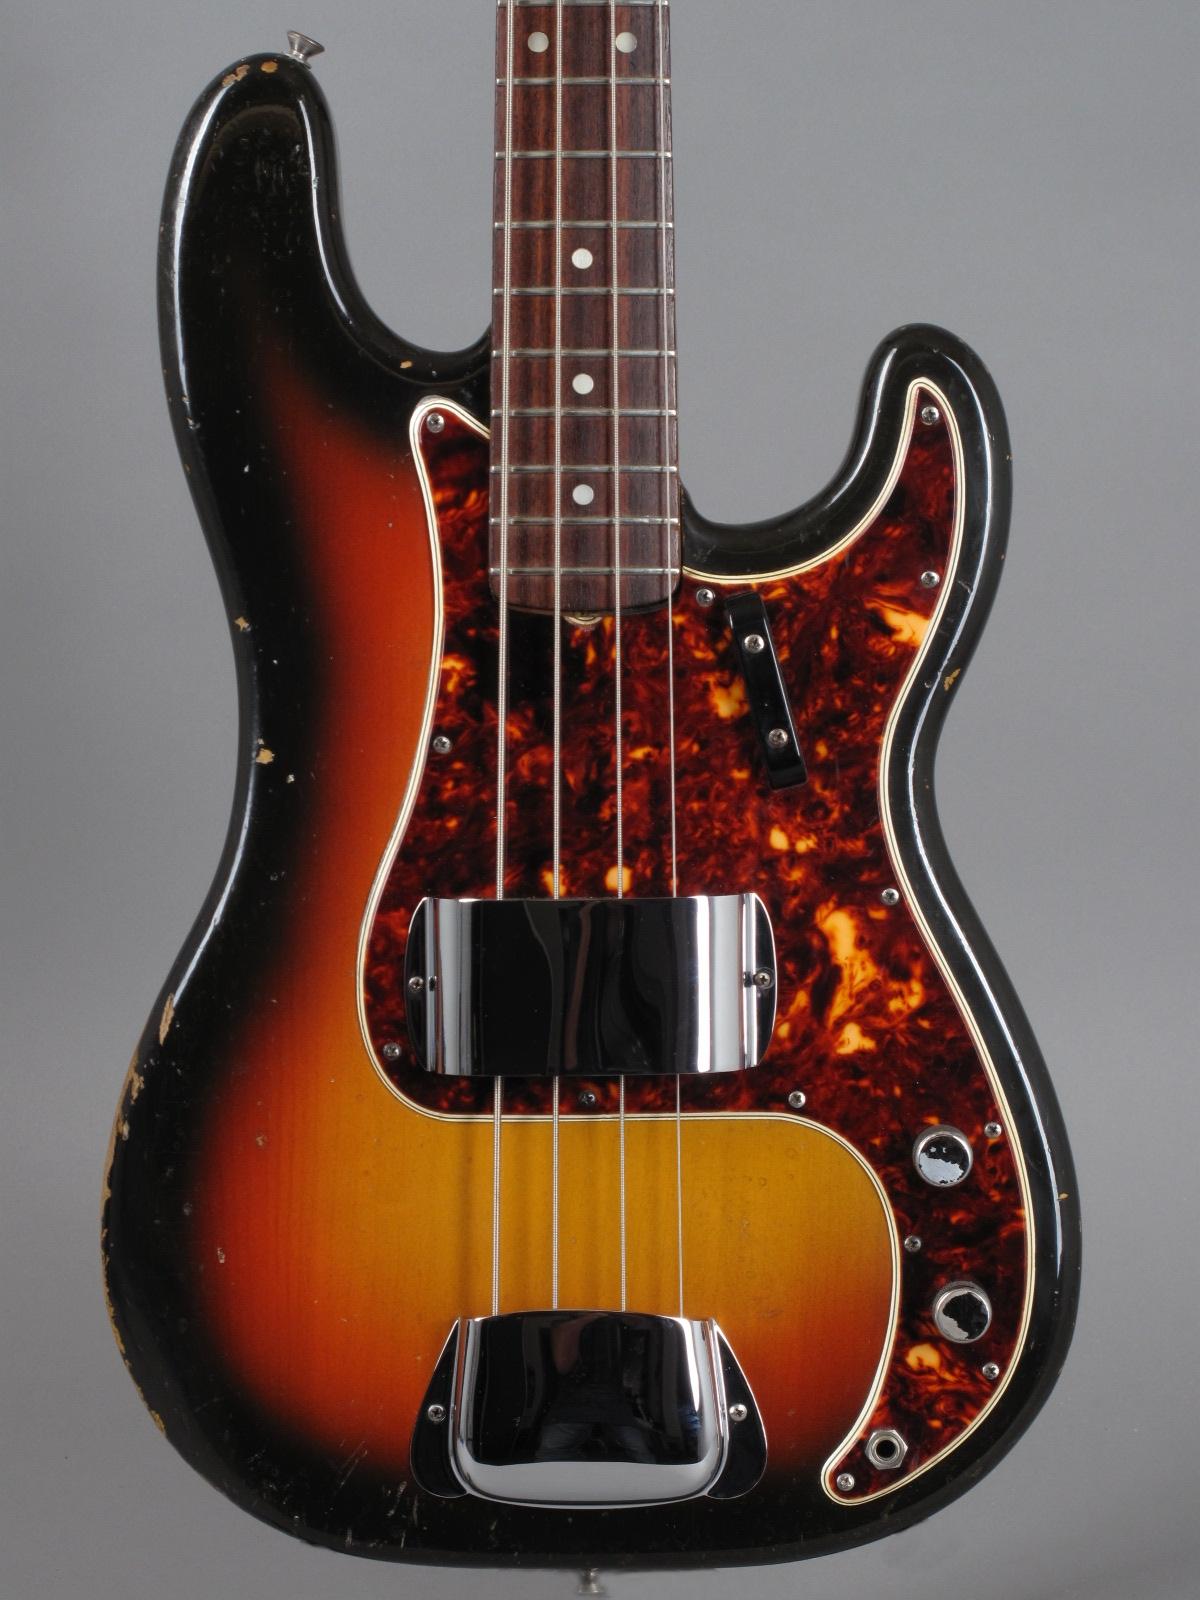 1965 Fender Precision - 3-tone Sunburst